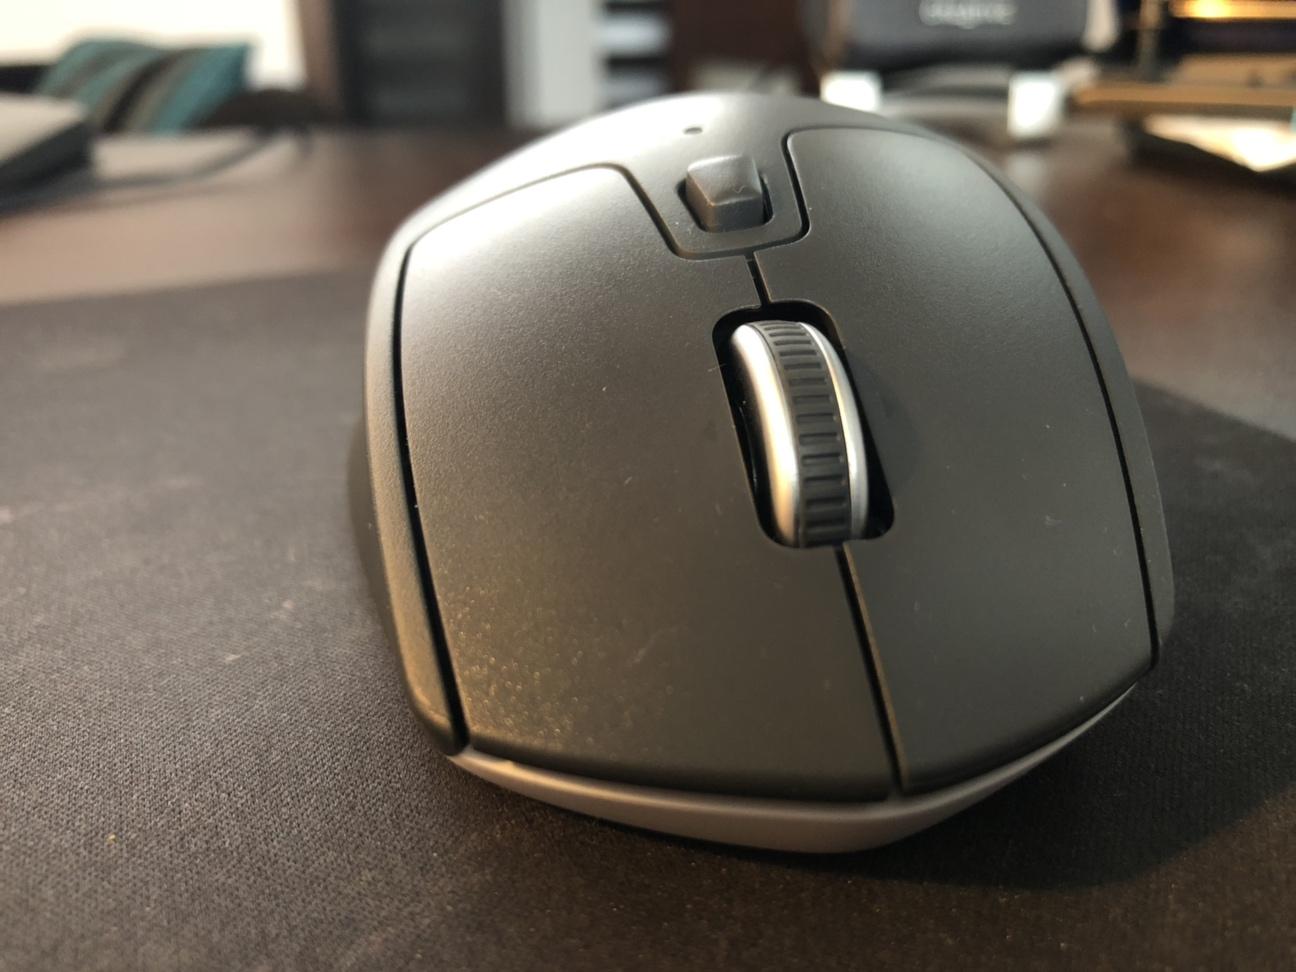 M720 Triathlon - mysz, która potrafi zaskoczyć - recenzja